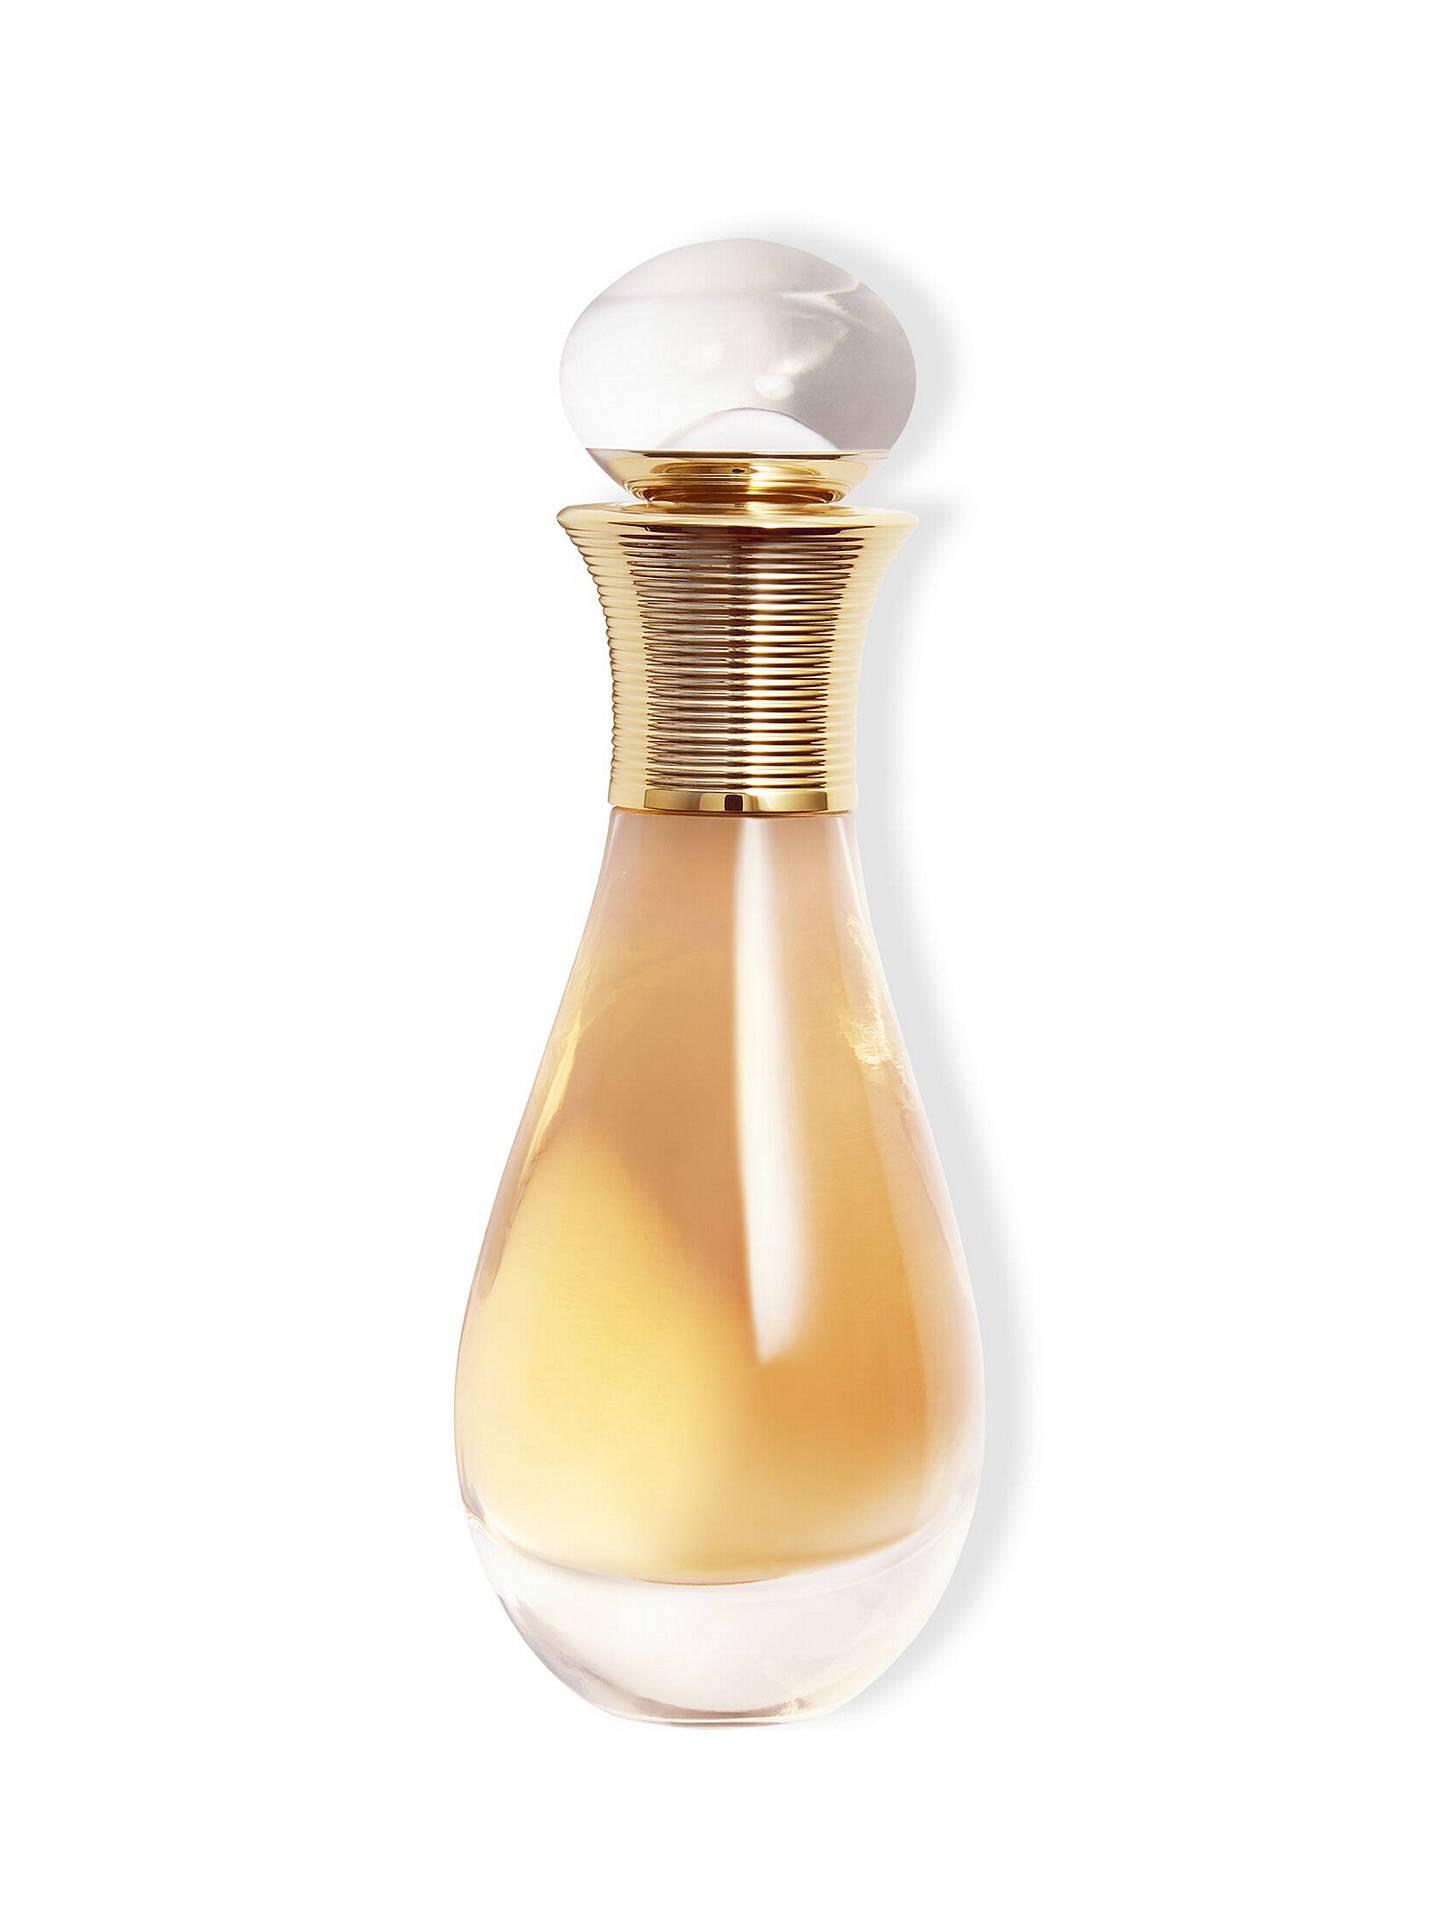 Dior Jadore Lor Touche De Parfum 20ml At John Lewis Partners